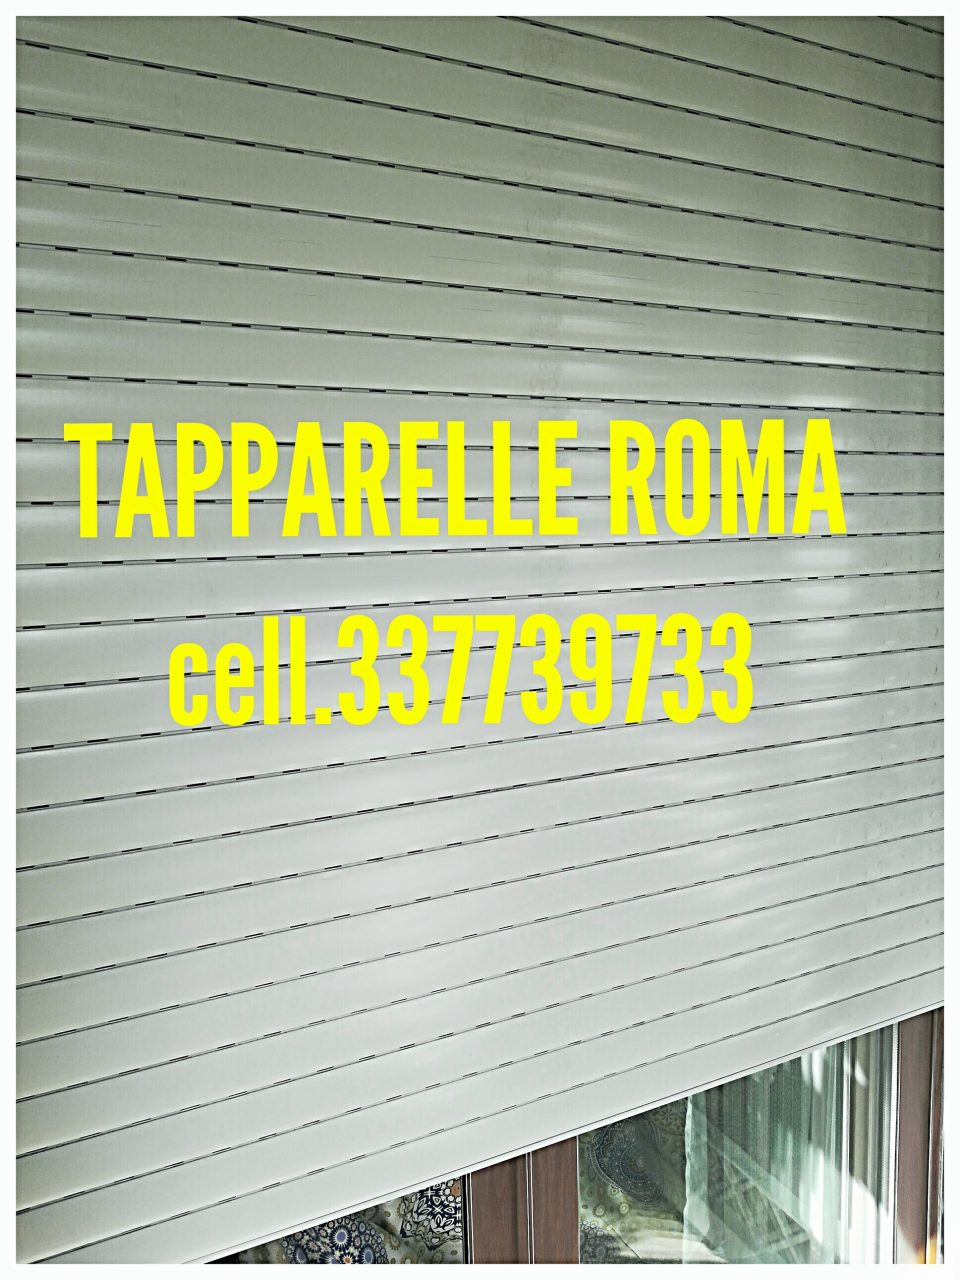 Riparazione tapparelle Talenti Montesacro roma Dario cell.337739733